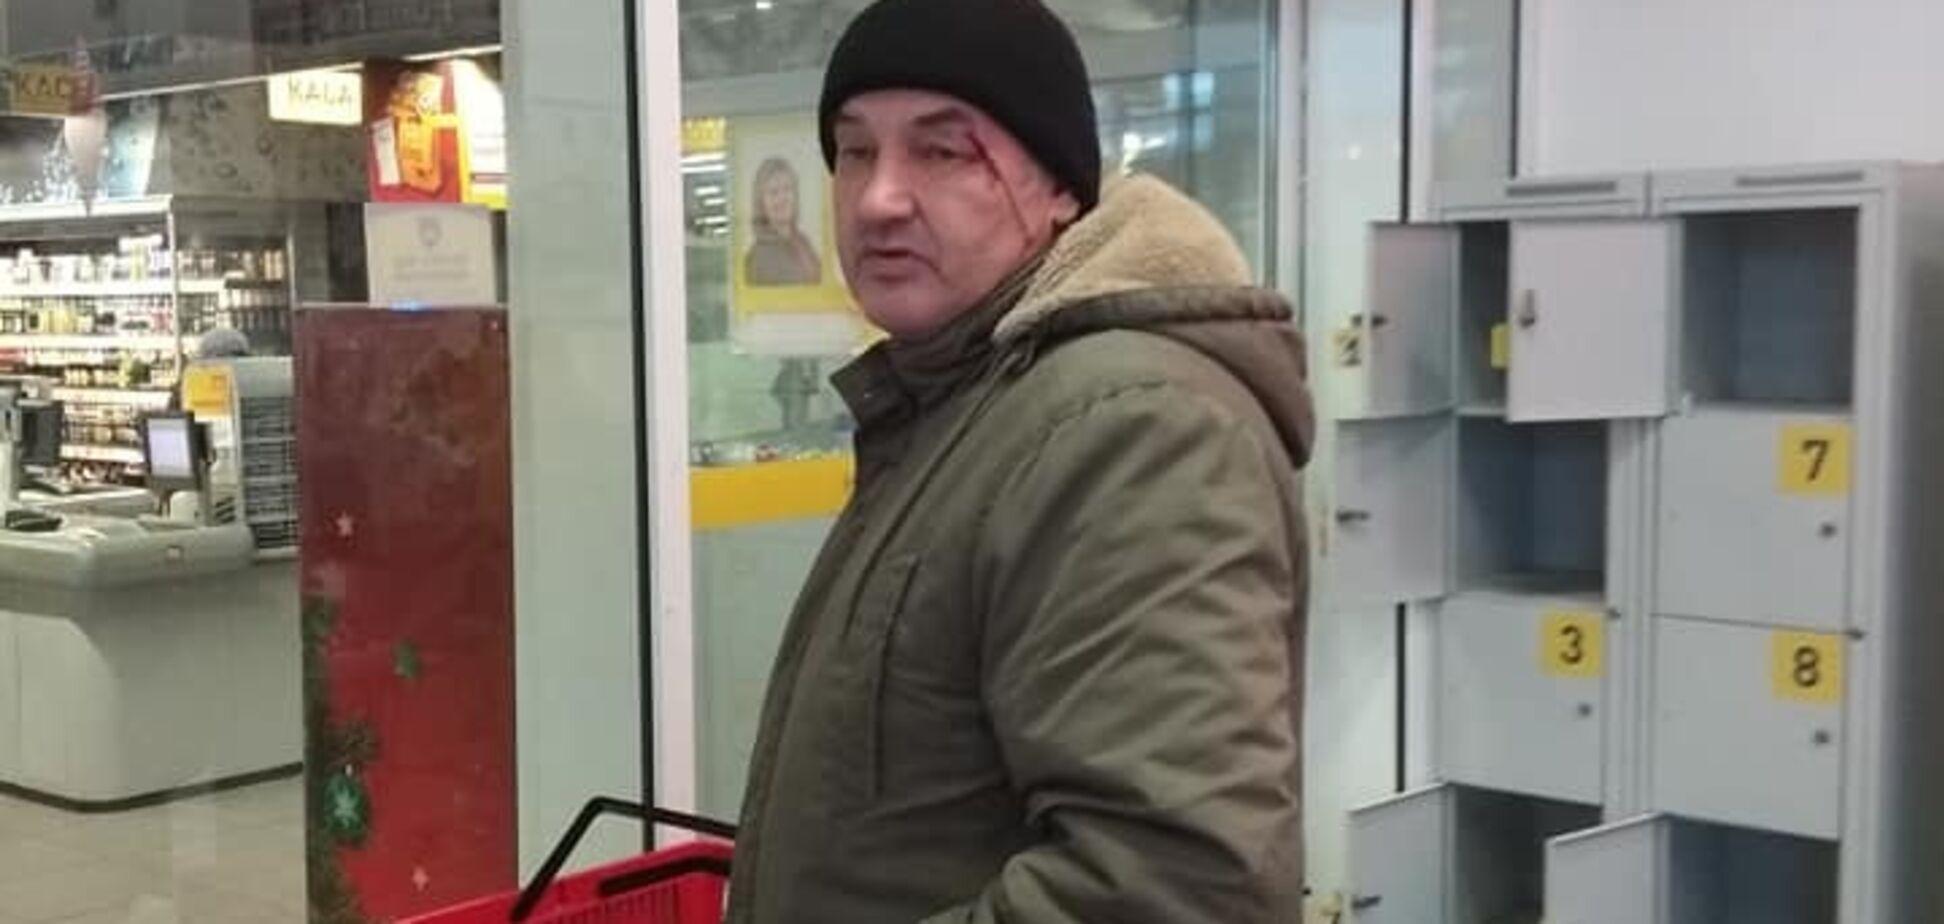 ''Ходімо зі мною, ви будете задоволені'': у Києві педофіл потрапив на фото